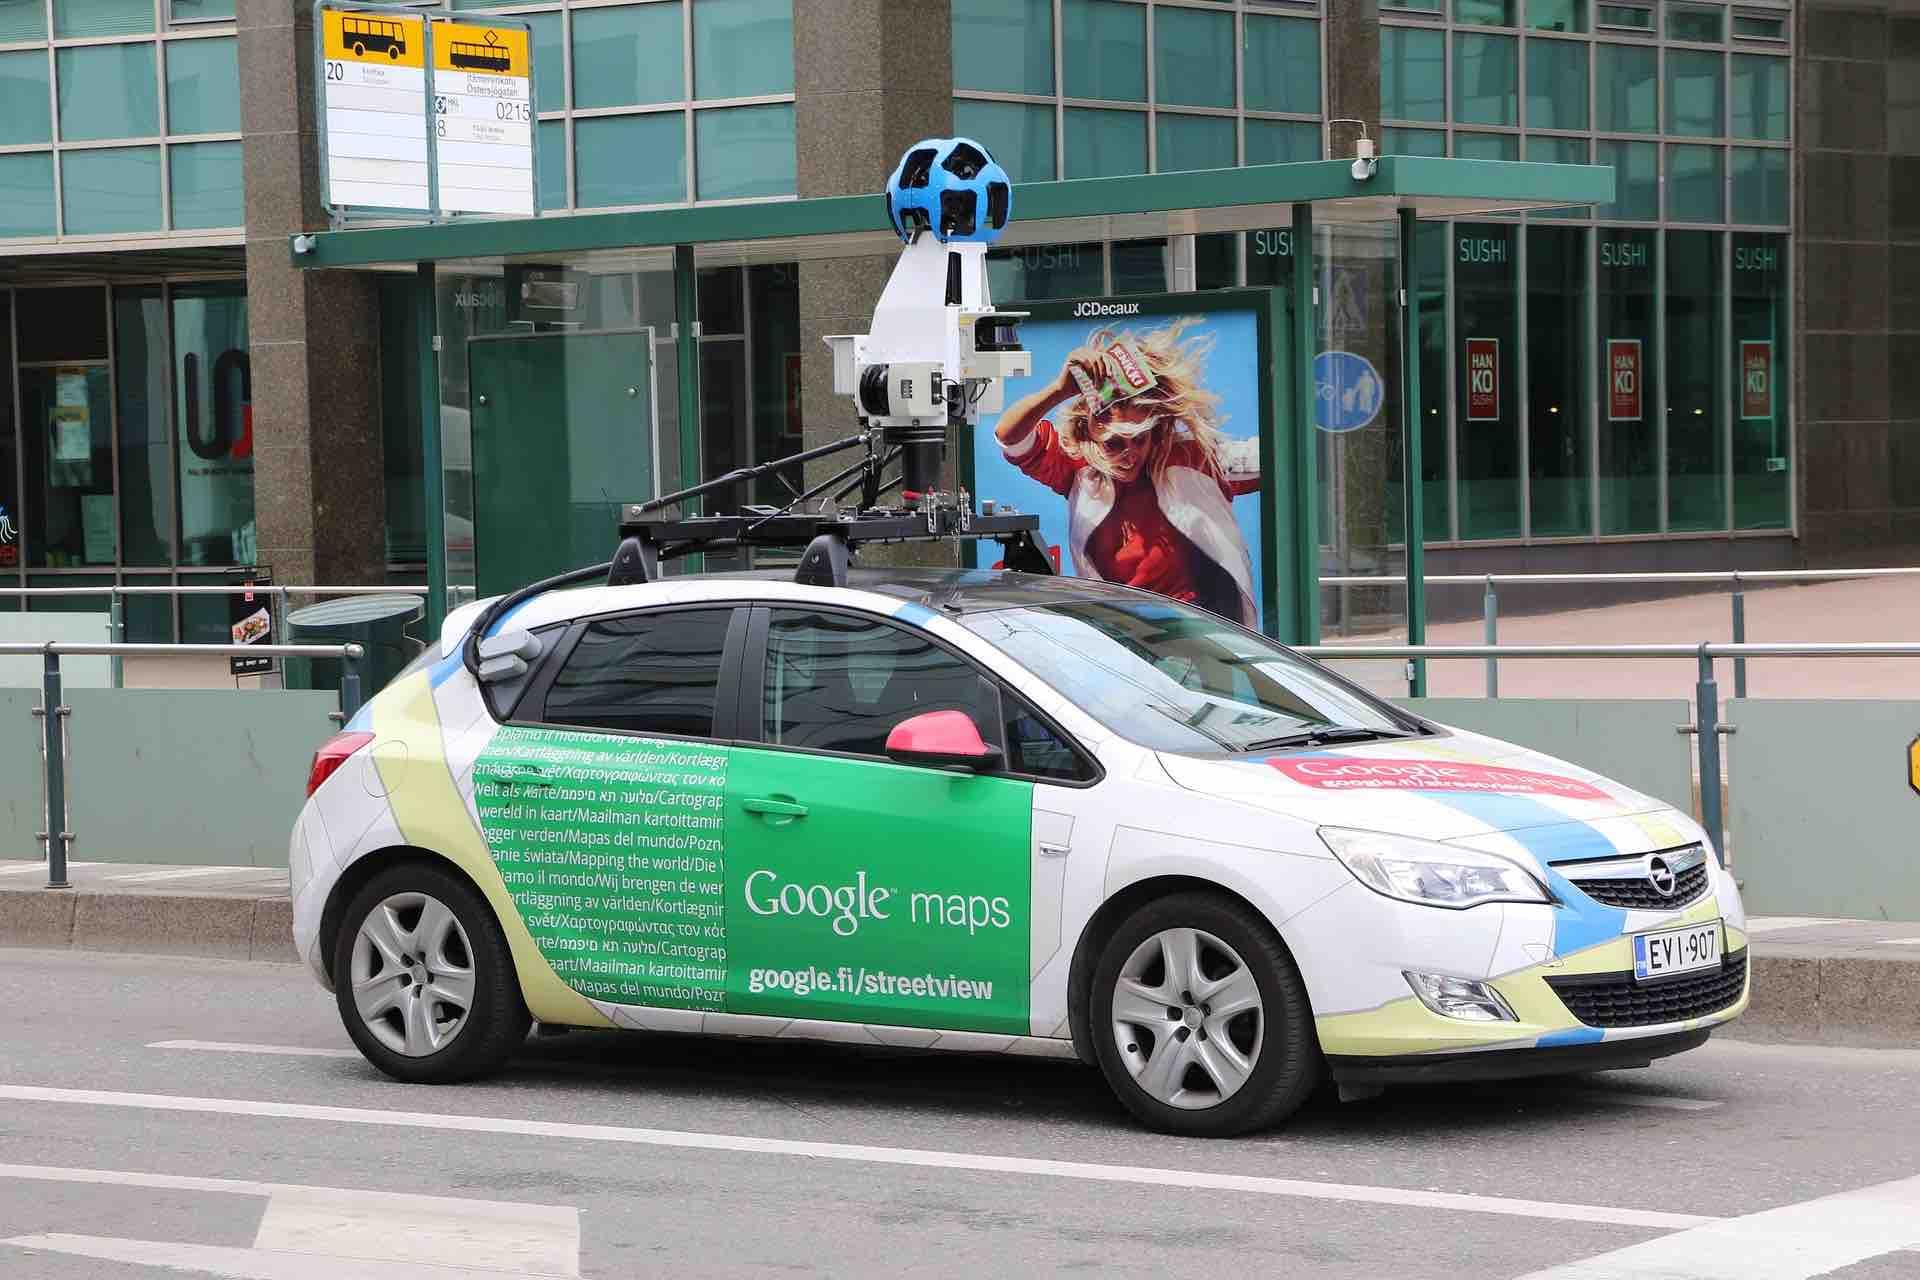 Google Street View se vrací do Česka. Po dvou letech přiveze Google i Trekker